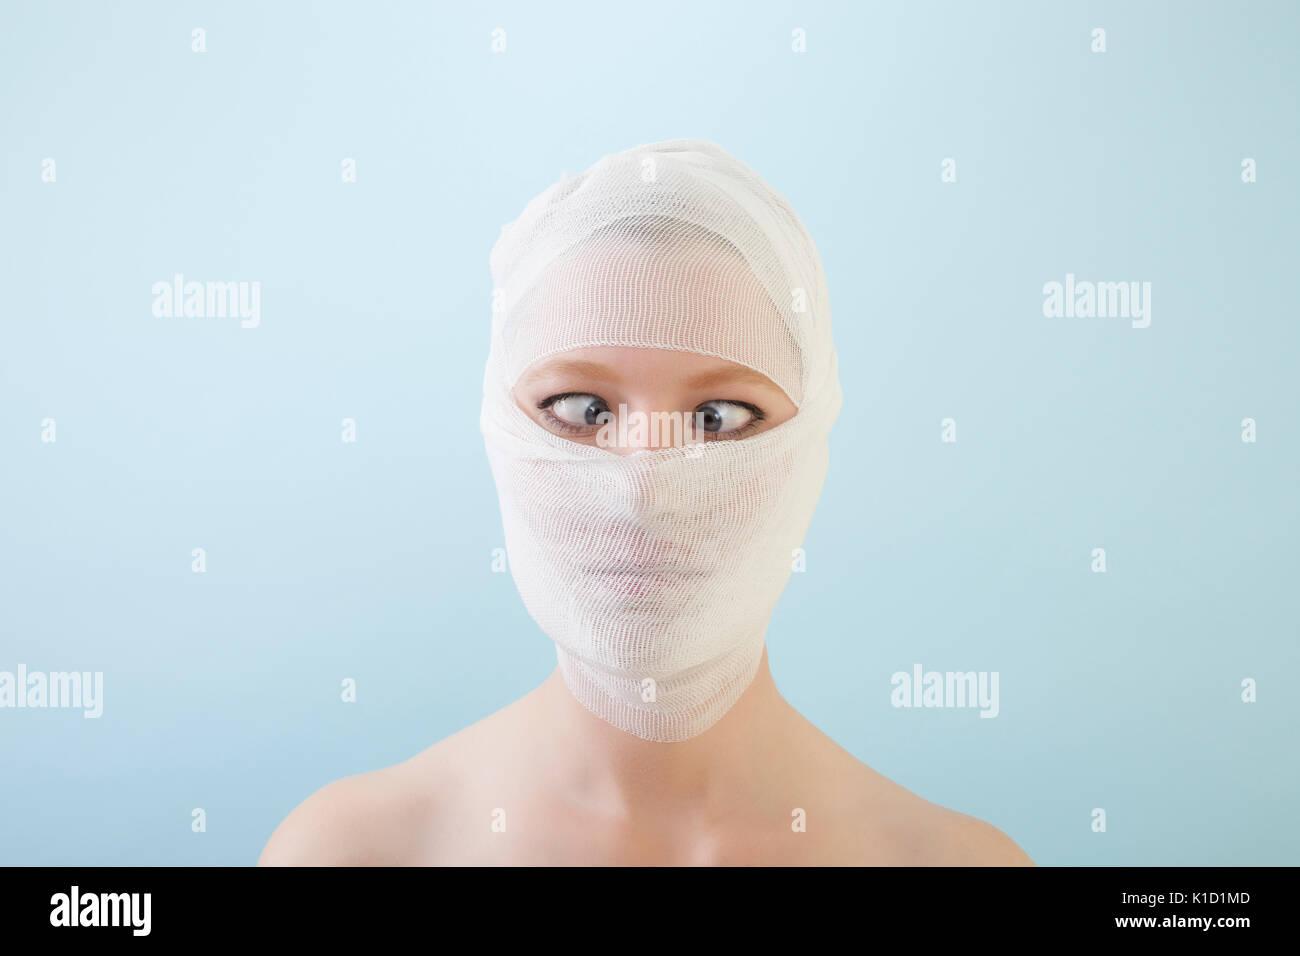 Giovani femmine è di guardare con i suoi occhi incrociati per la fotocamera dopo il suo intervento di chirurgia plastica con bende in tutto il suo volto. Contro lo sfondo blu. Immagini Stock